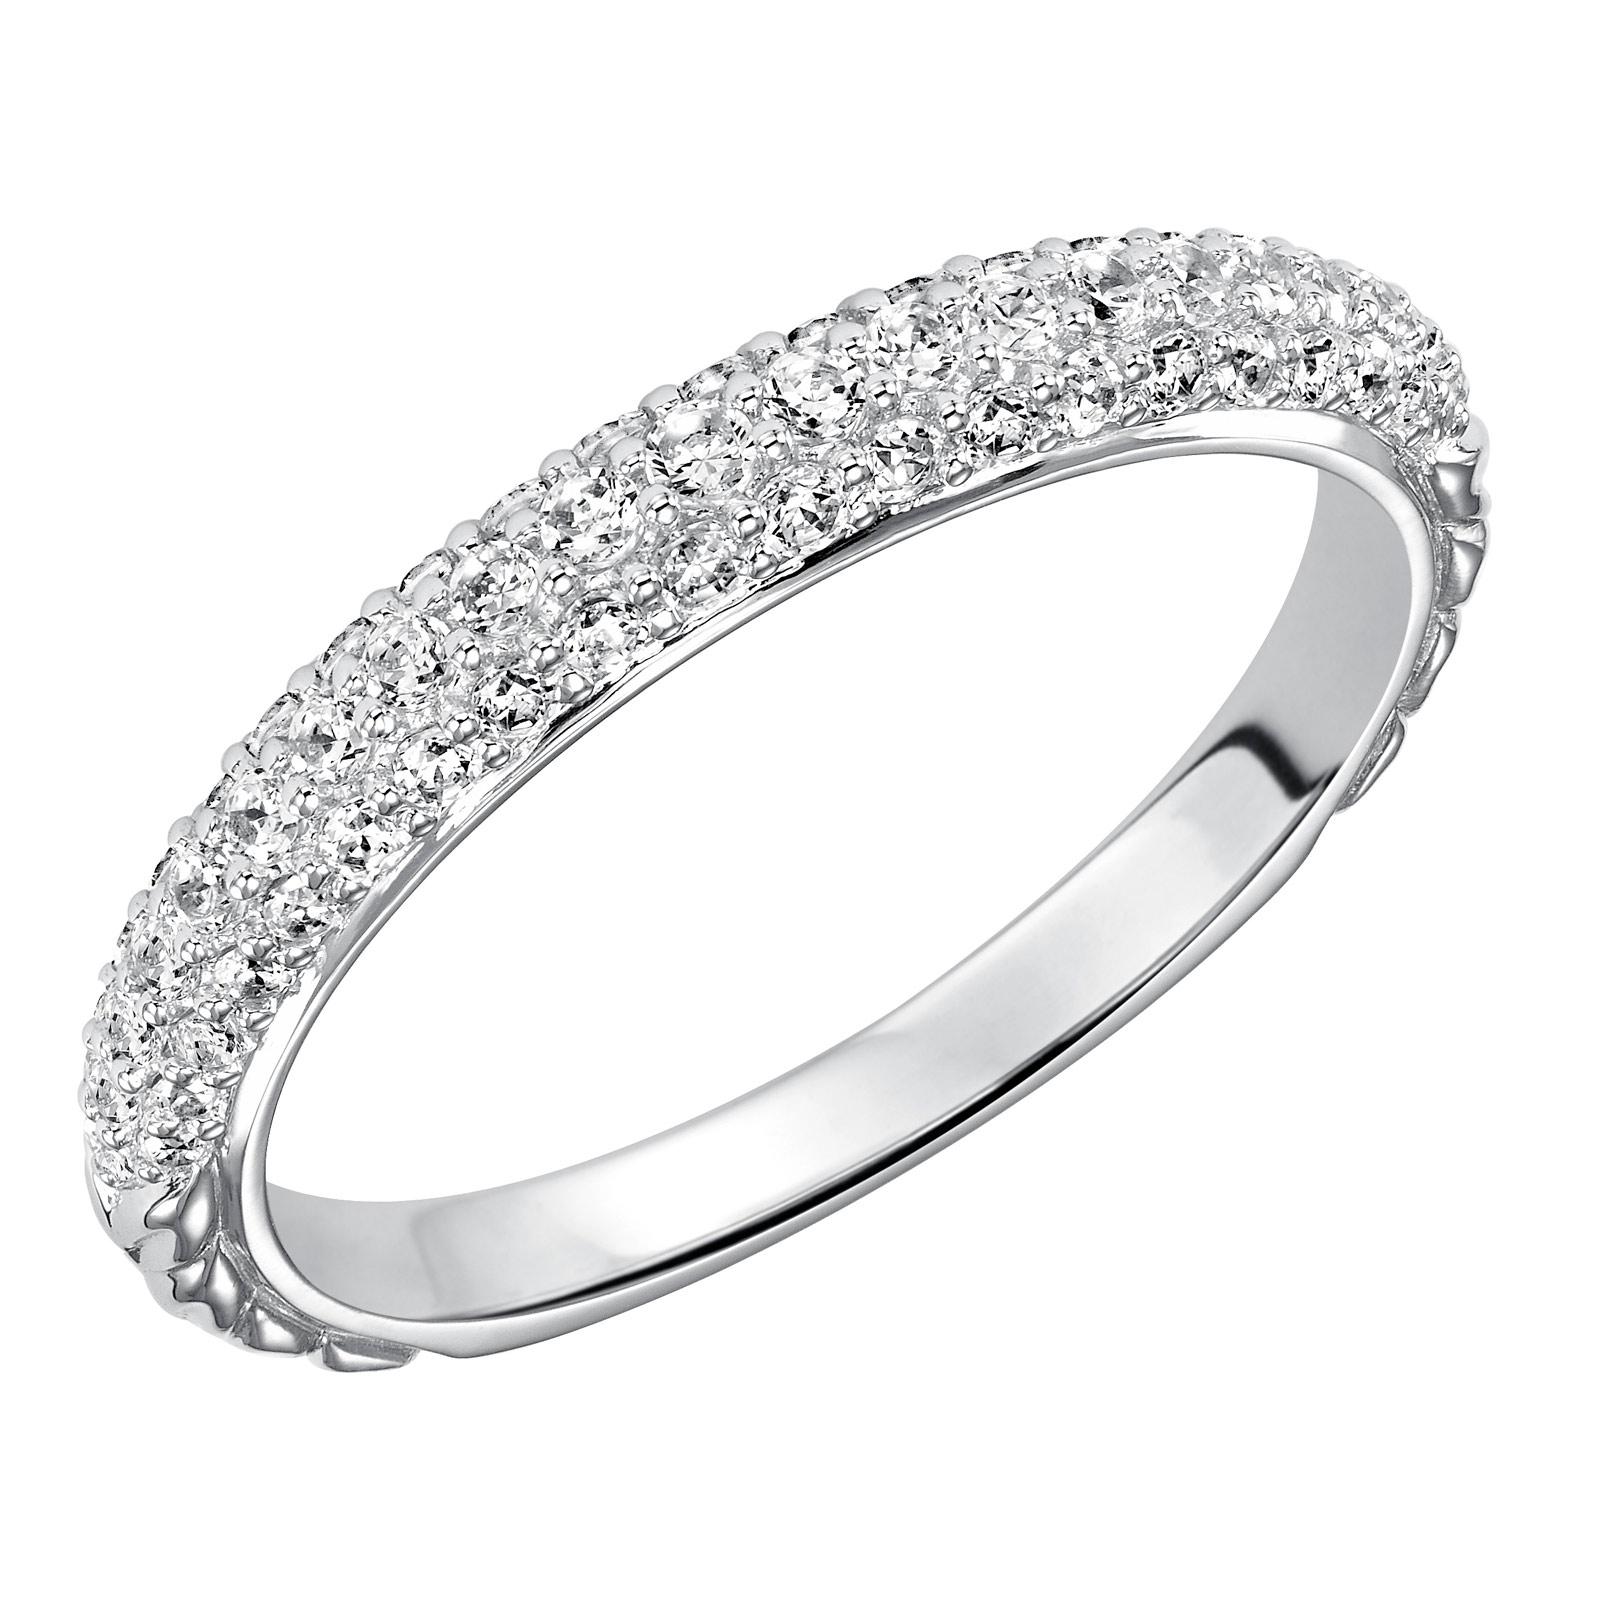 Goldman ring 33 9116w l00 long island ny goldman for Long island wedding bands